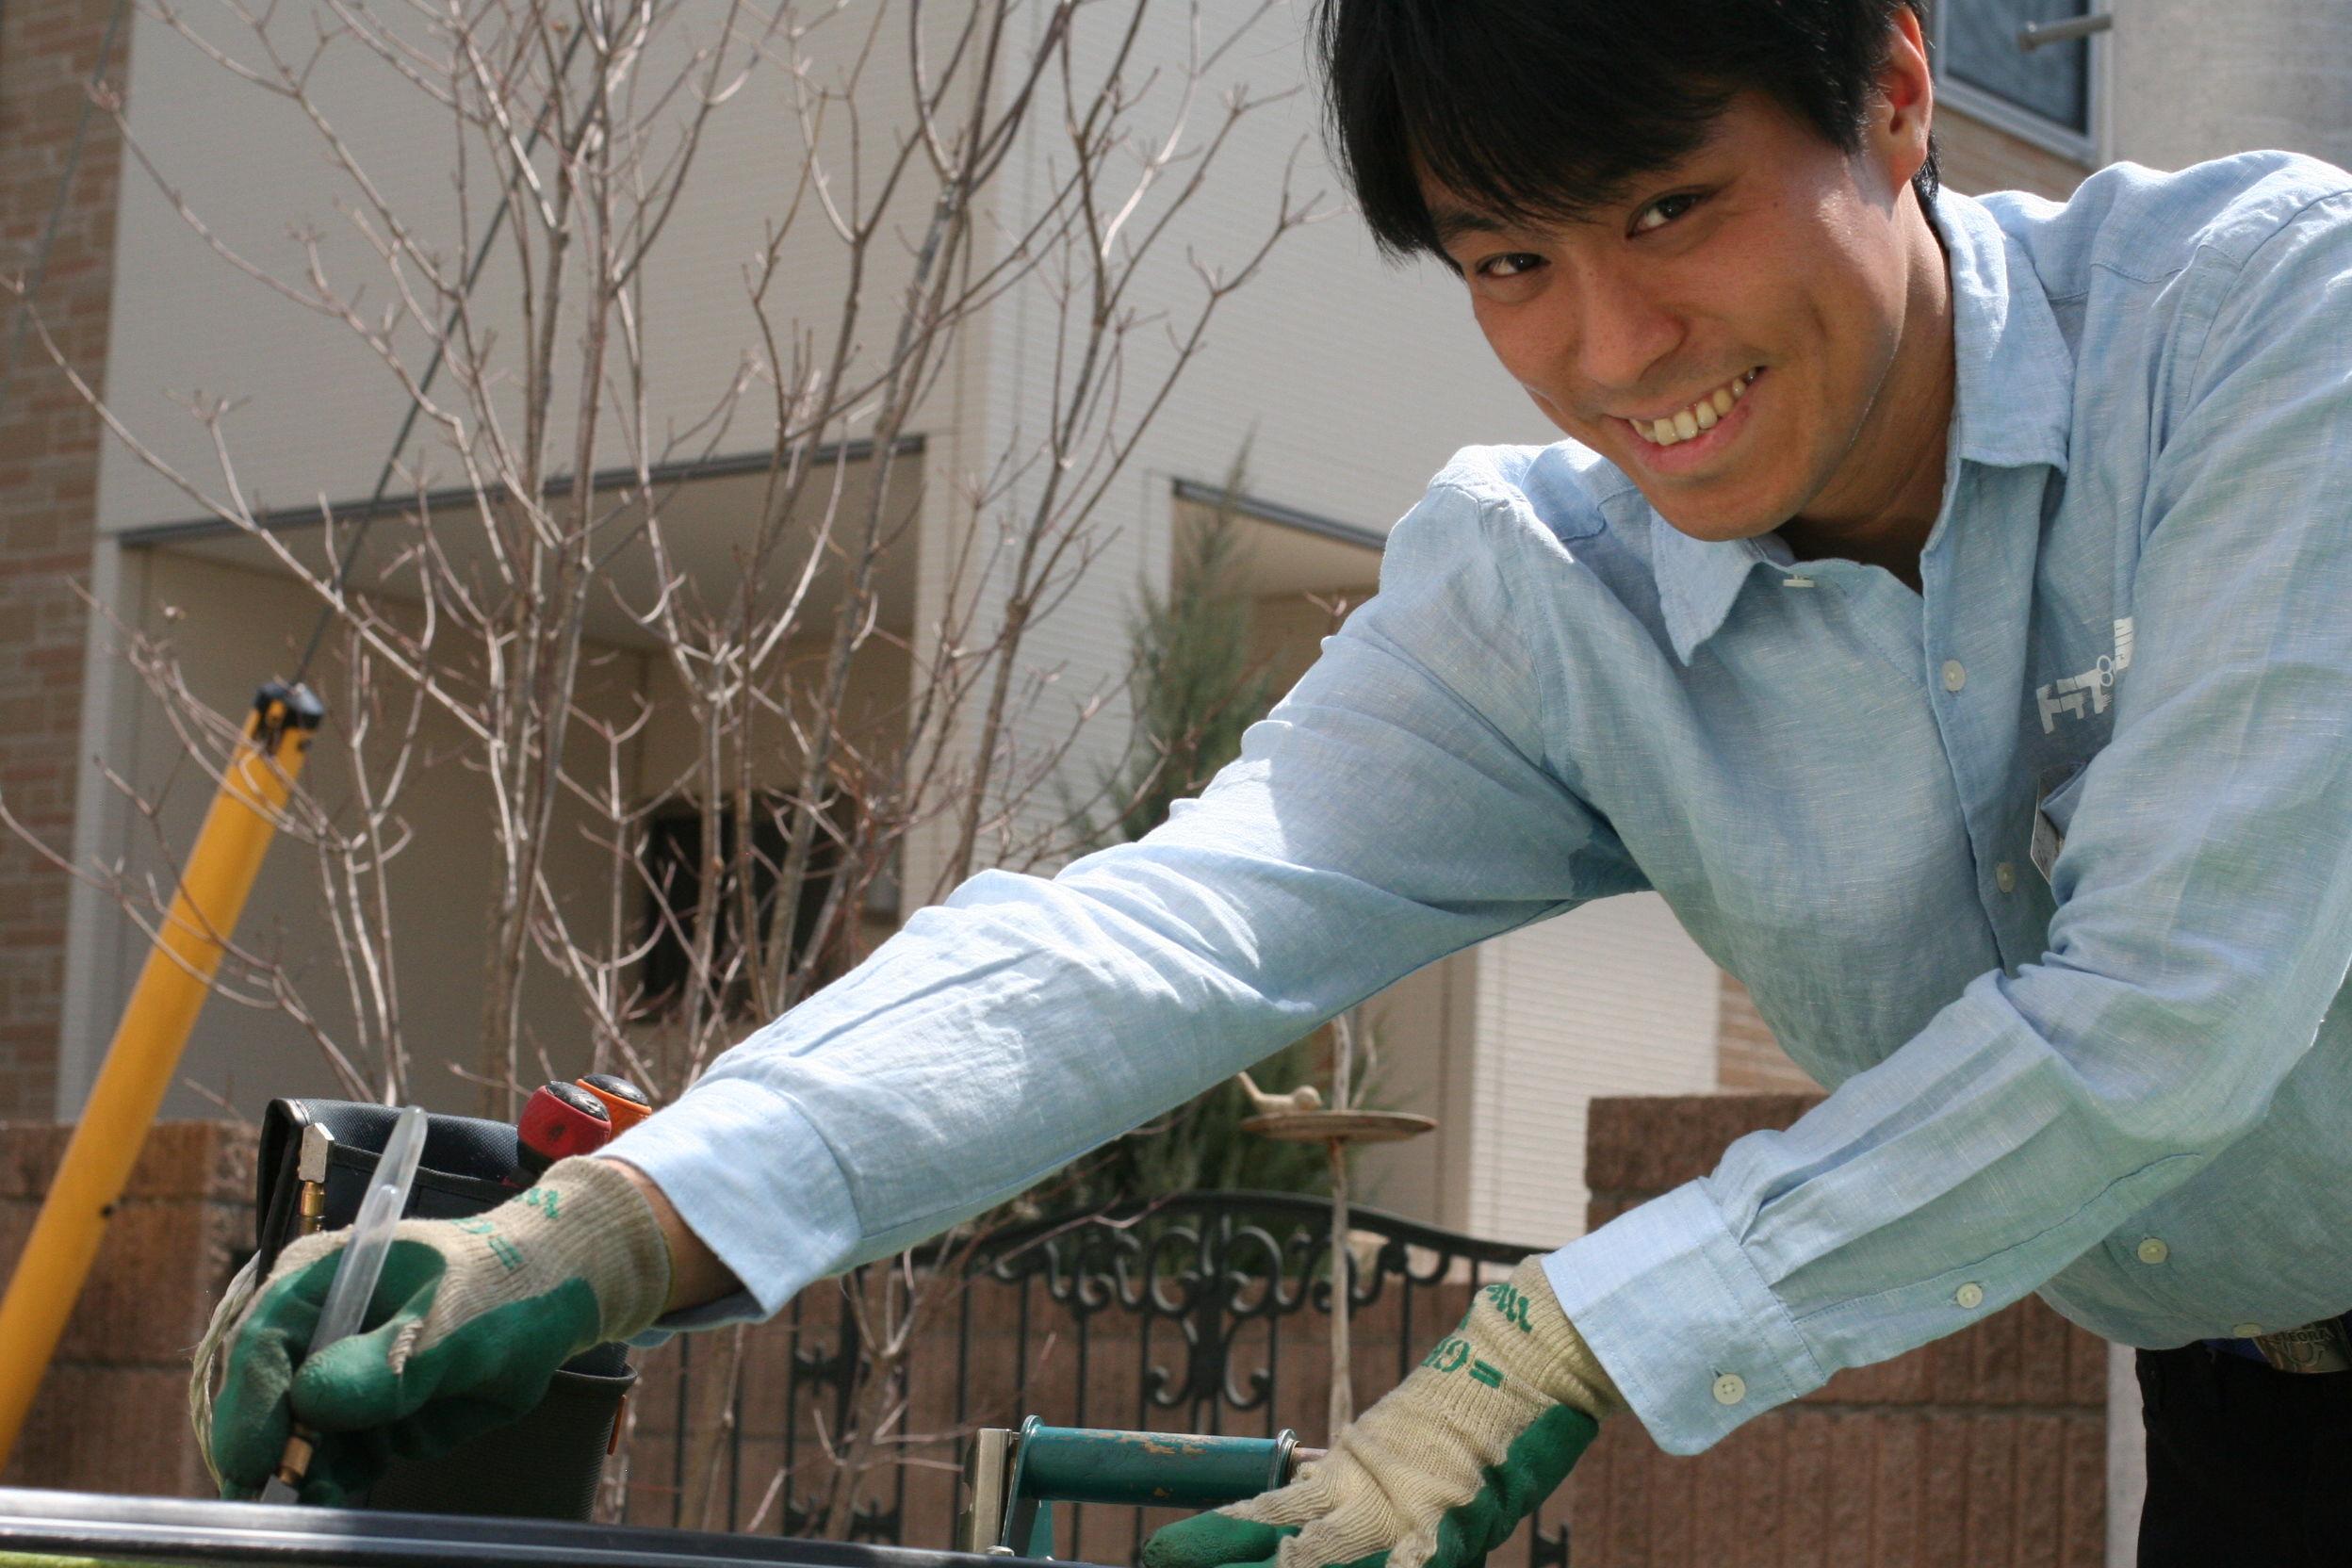 ガラスのトラブル救急車【千代田区 出張エリア】の店内・外観画像1